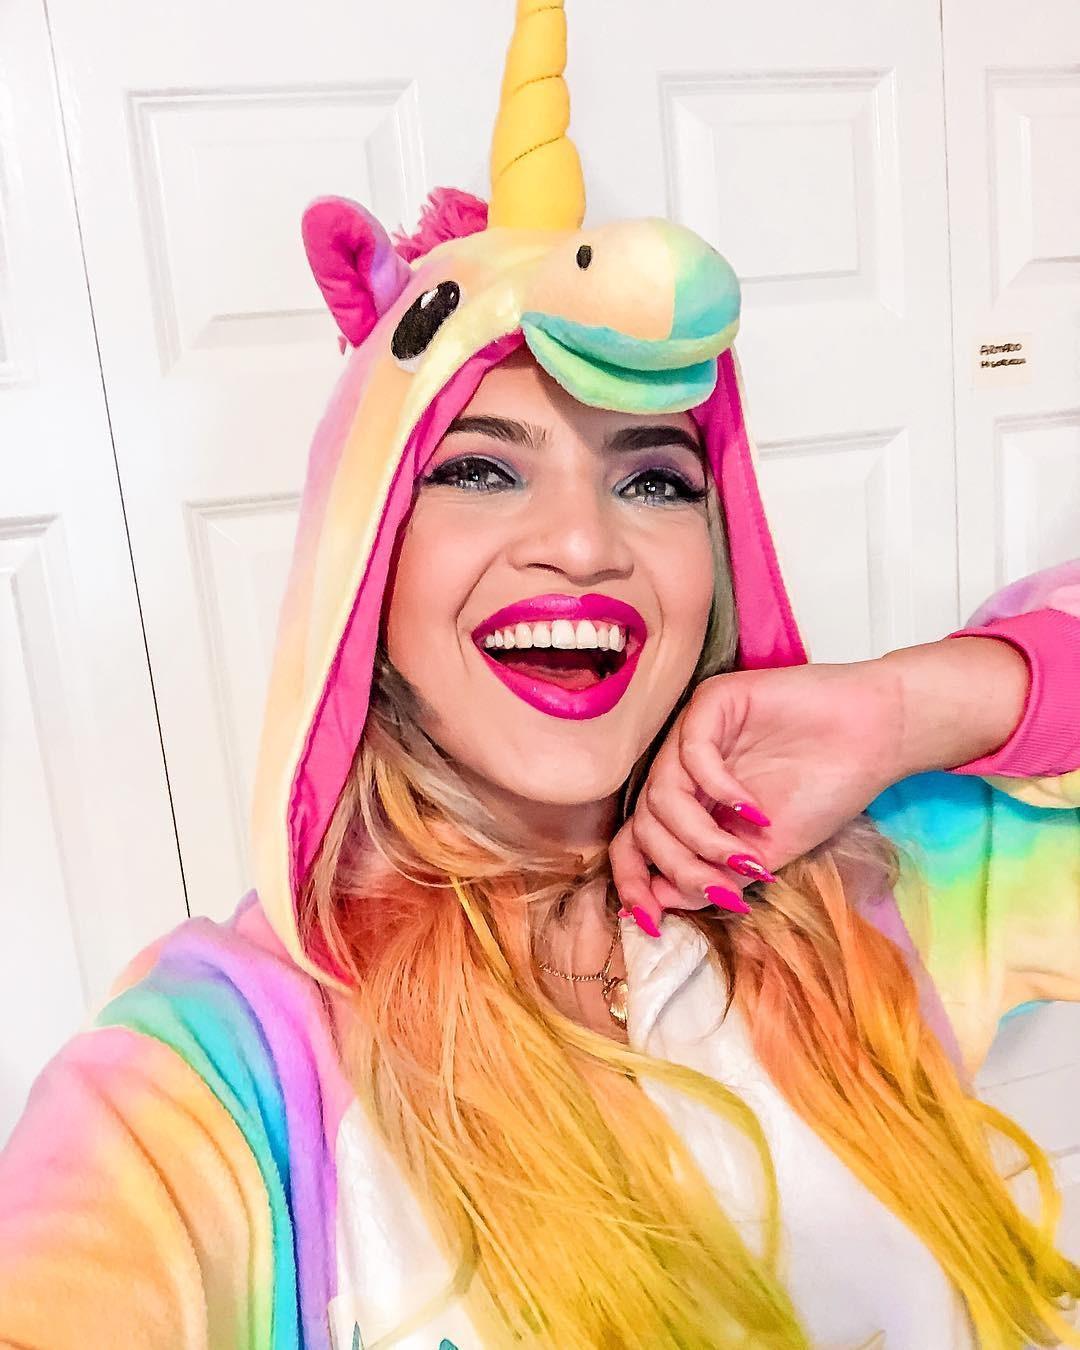 Nascida em Belo Horizonte, Minas Gerais, Anna Layza conta que o canal no YouTube era para ser uma brincadeira (Foto: Reprodução / Instagram)